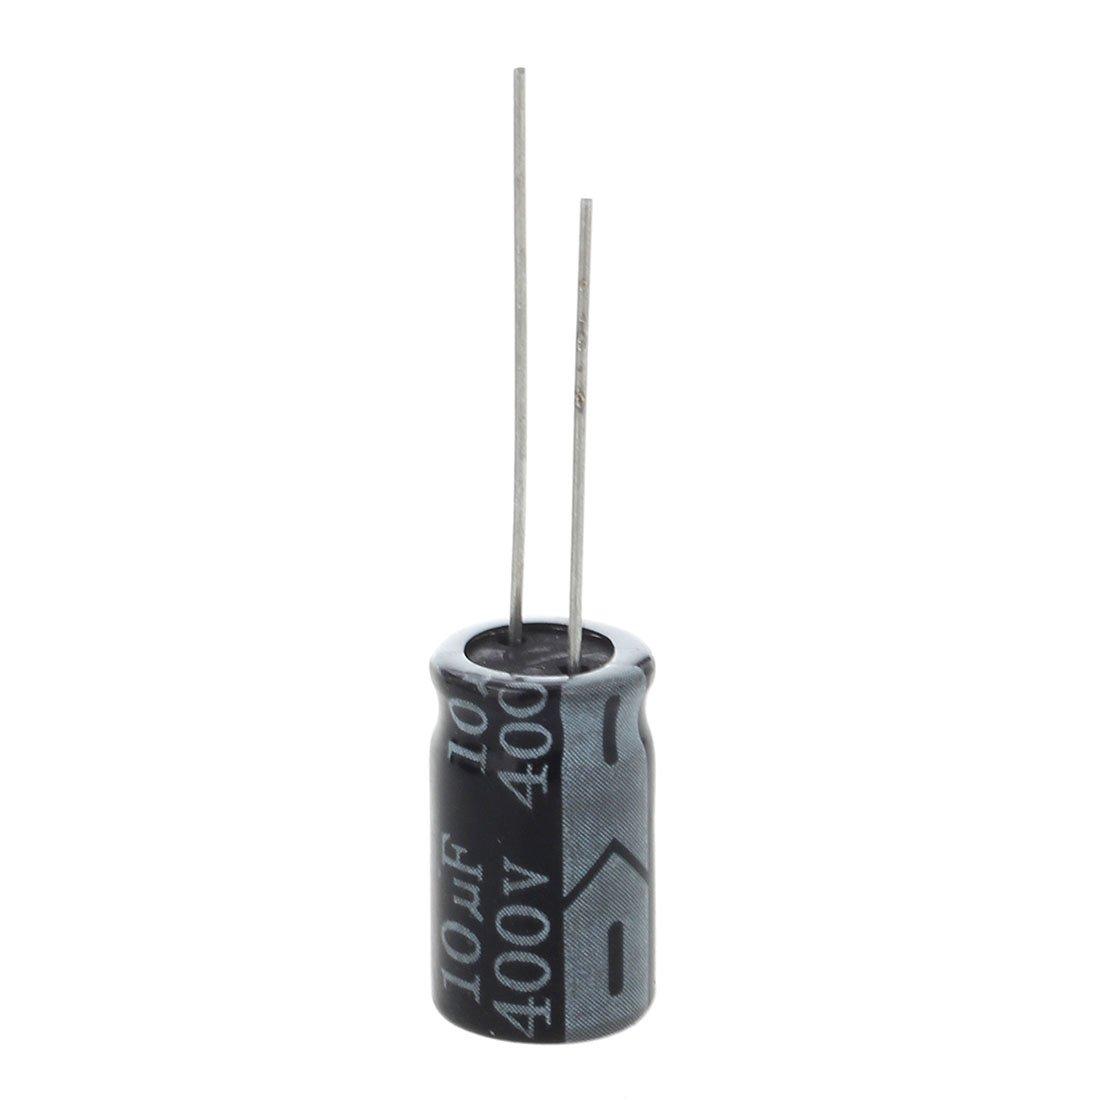 Gaoominy 10 x 400V 10uF bassa ESR impedenza condensatore elettrolitico